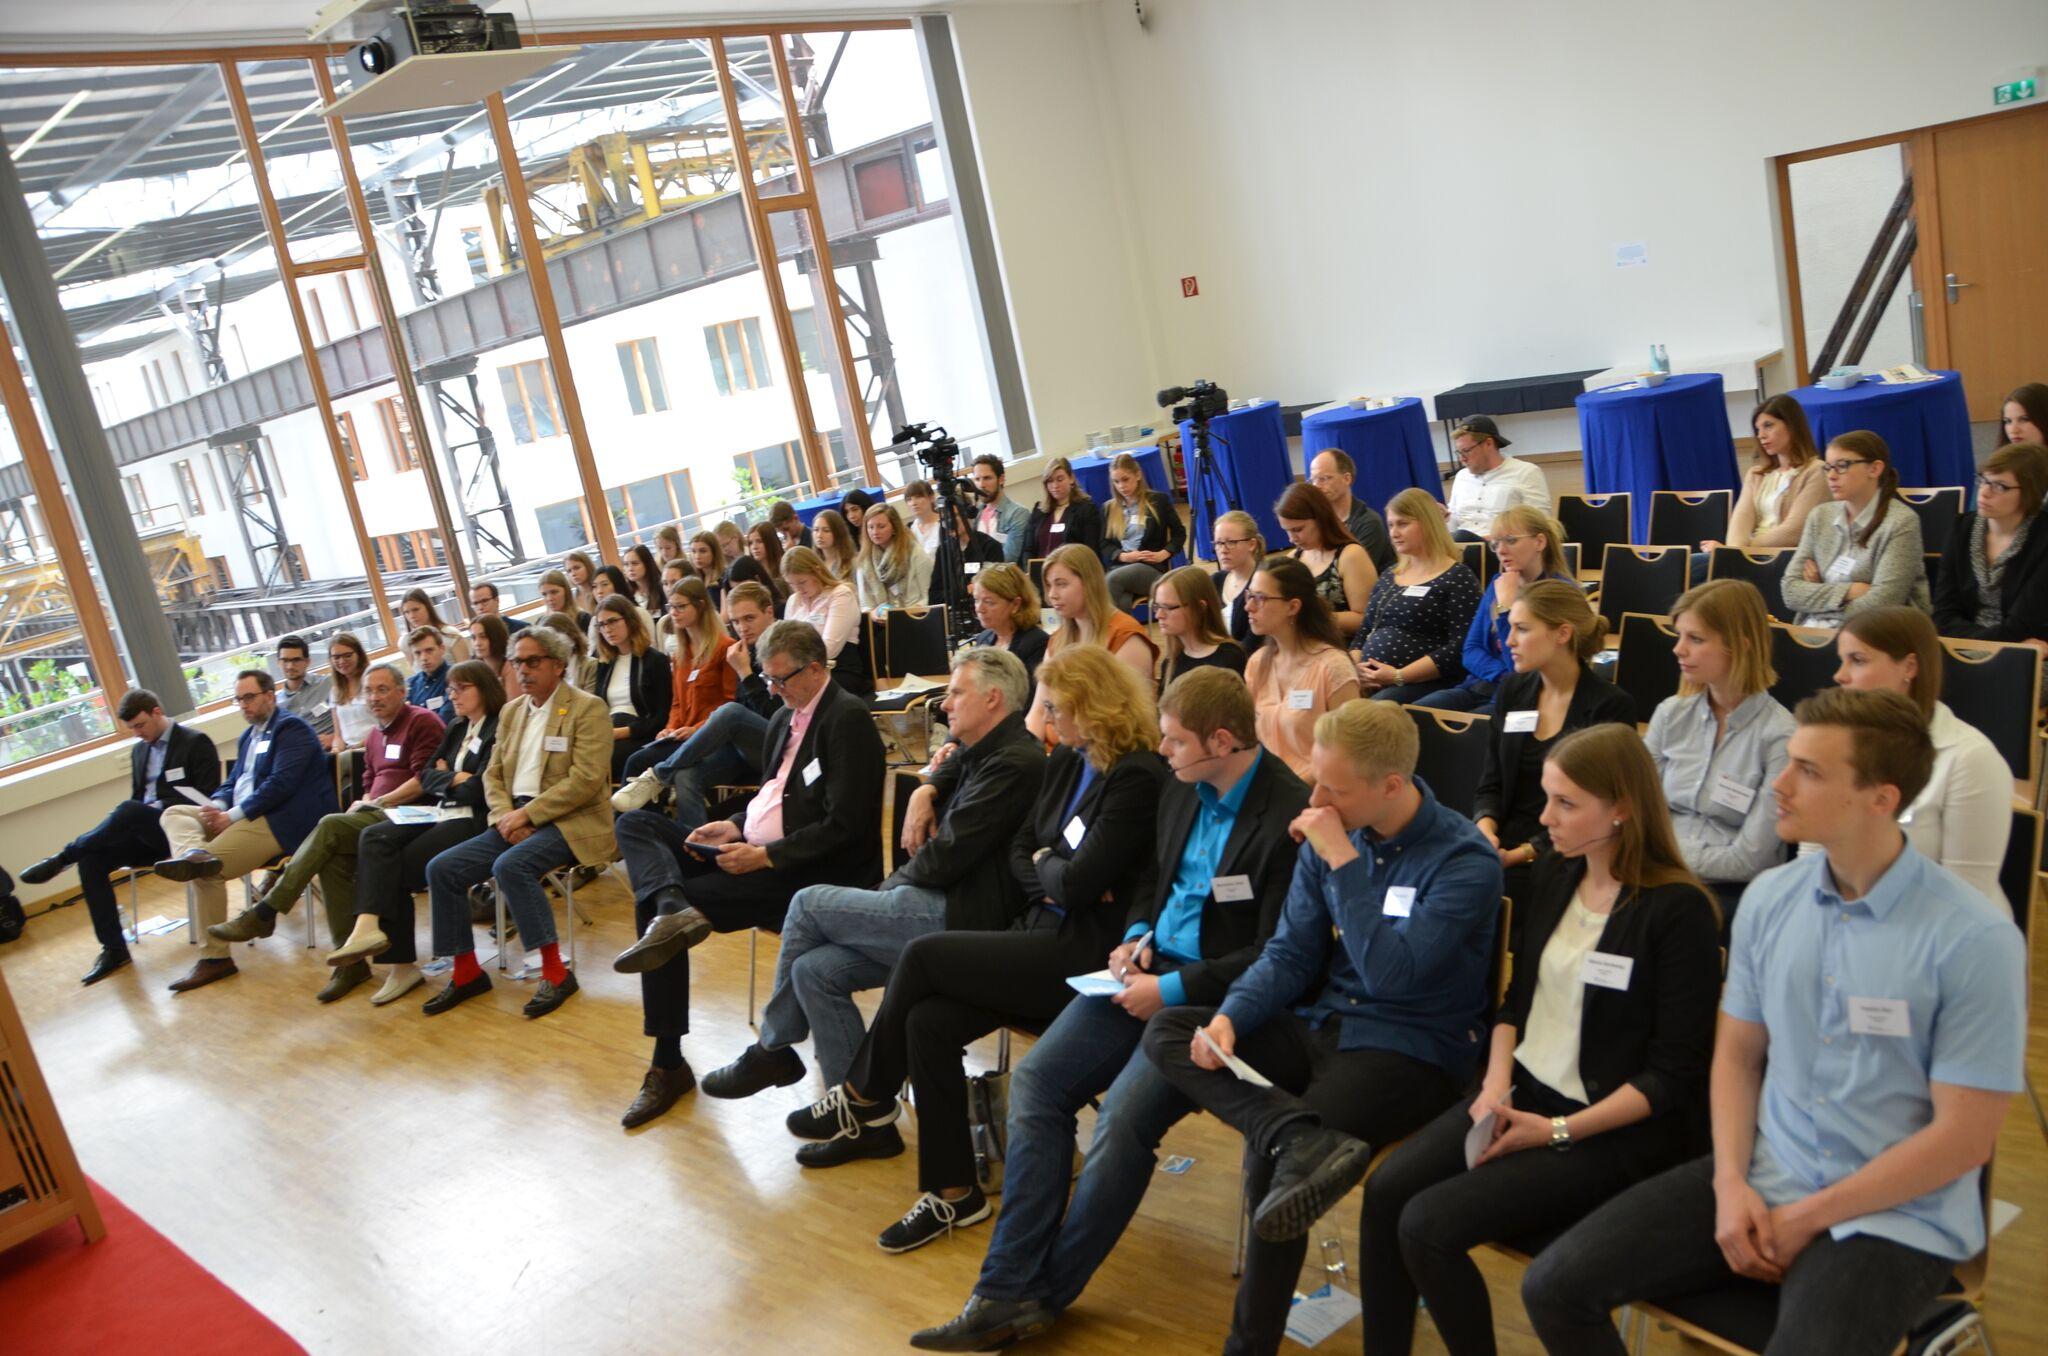 Fußboden Graß Quotes ~ Lingen diskutiert über pr karriere quotes von der kommunikos